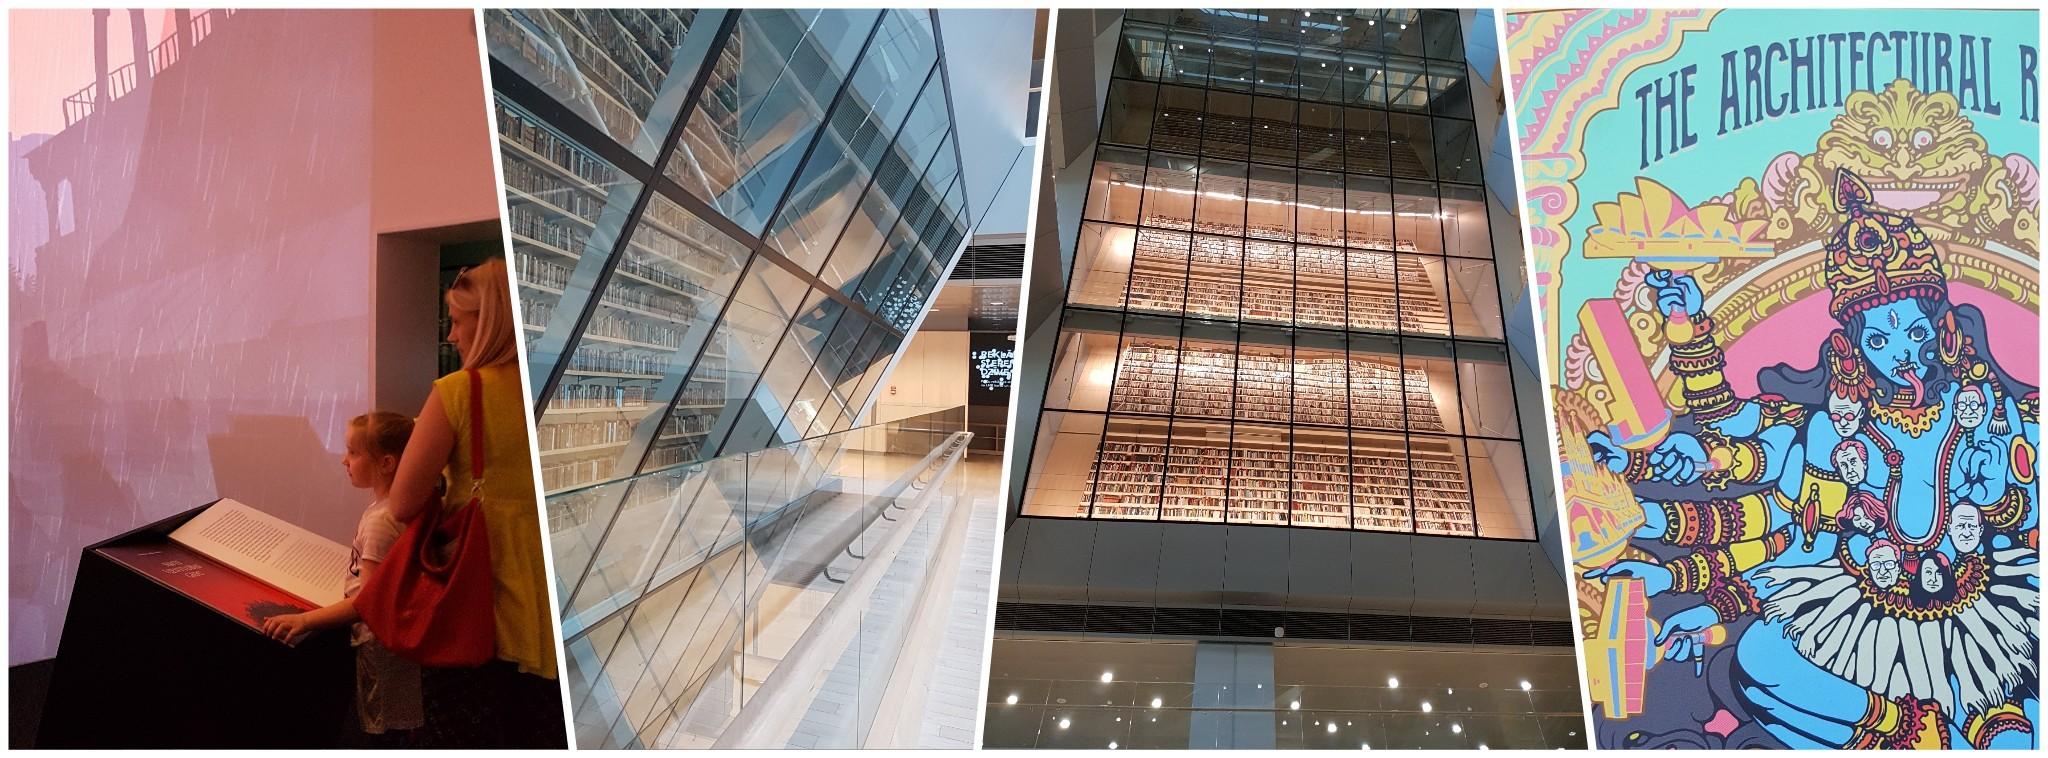 Ausstellungen und riesiges Bücherregal in der Lettischen Nationalbibliothek